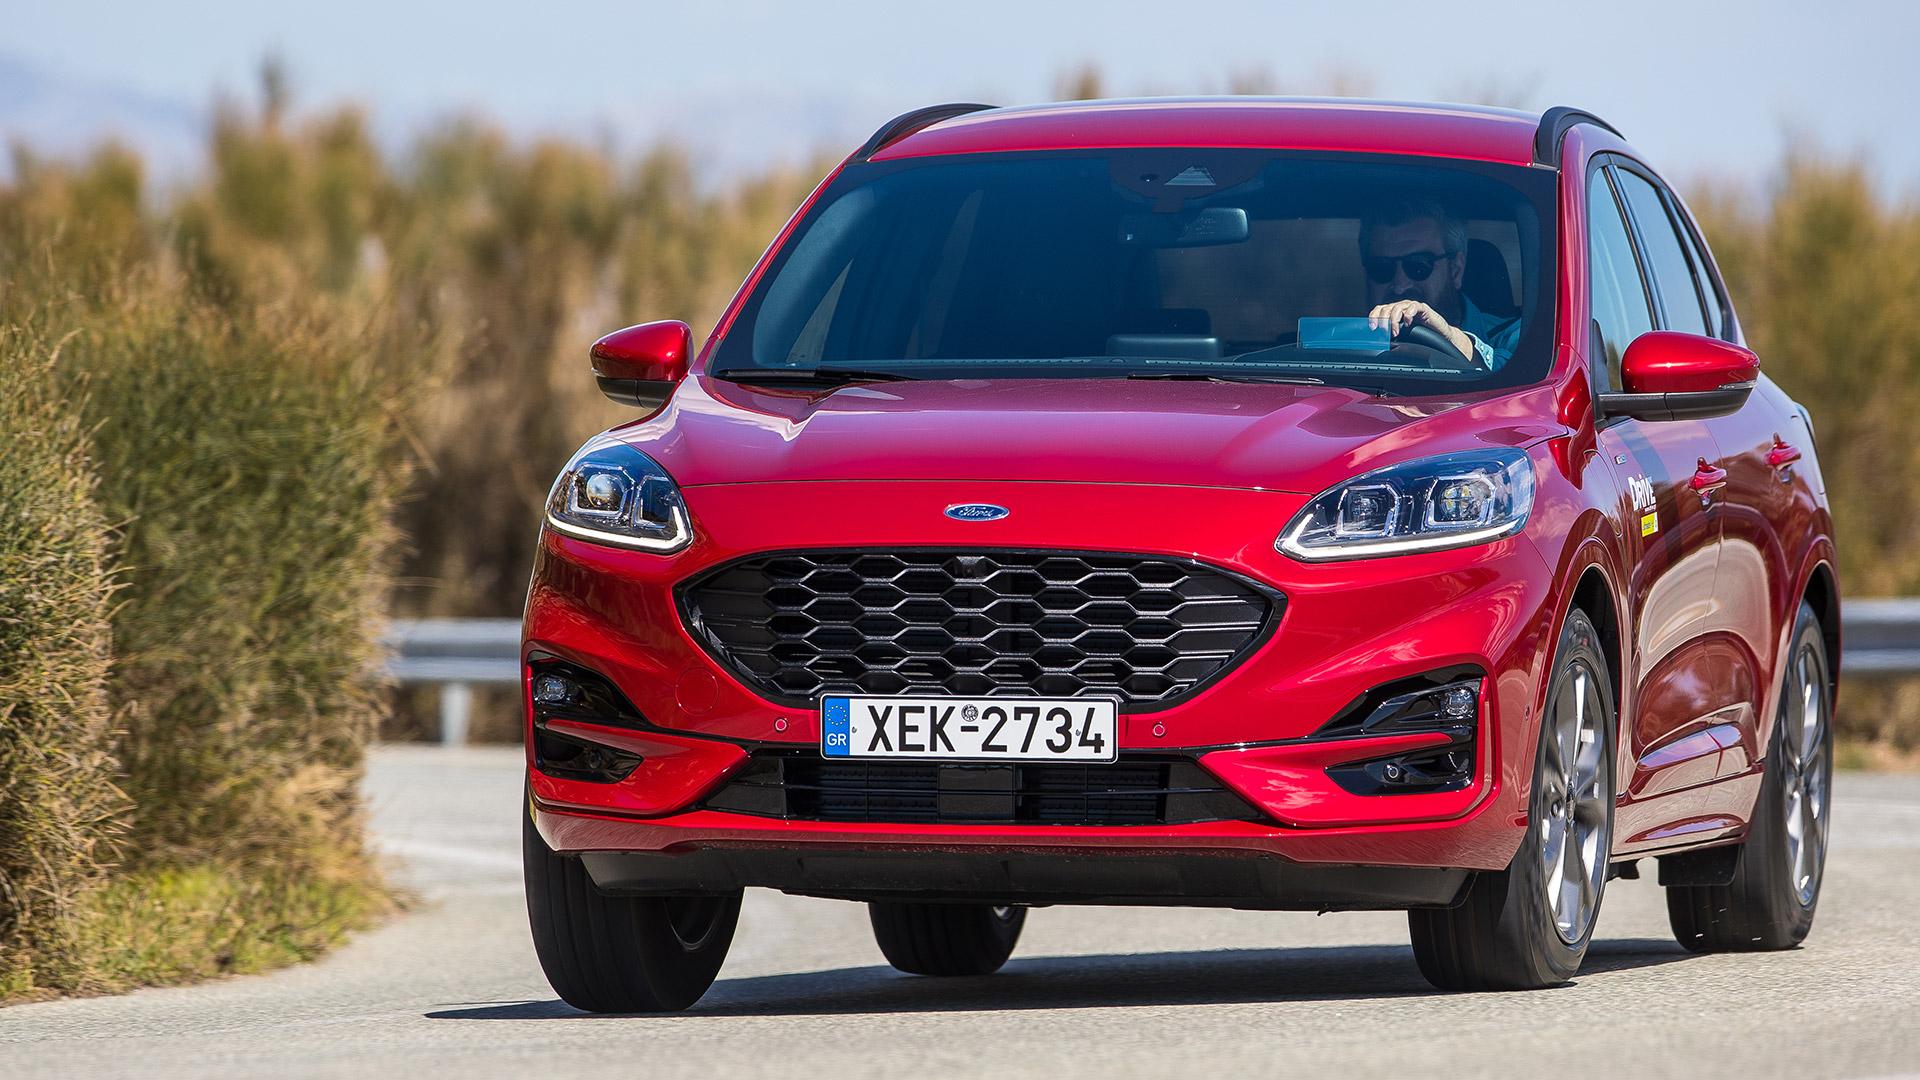 Δοκιμάζουμε το Ford Kuga Plug-in Hybrid που καίει λιγότερο και από diesel! (pics)